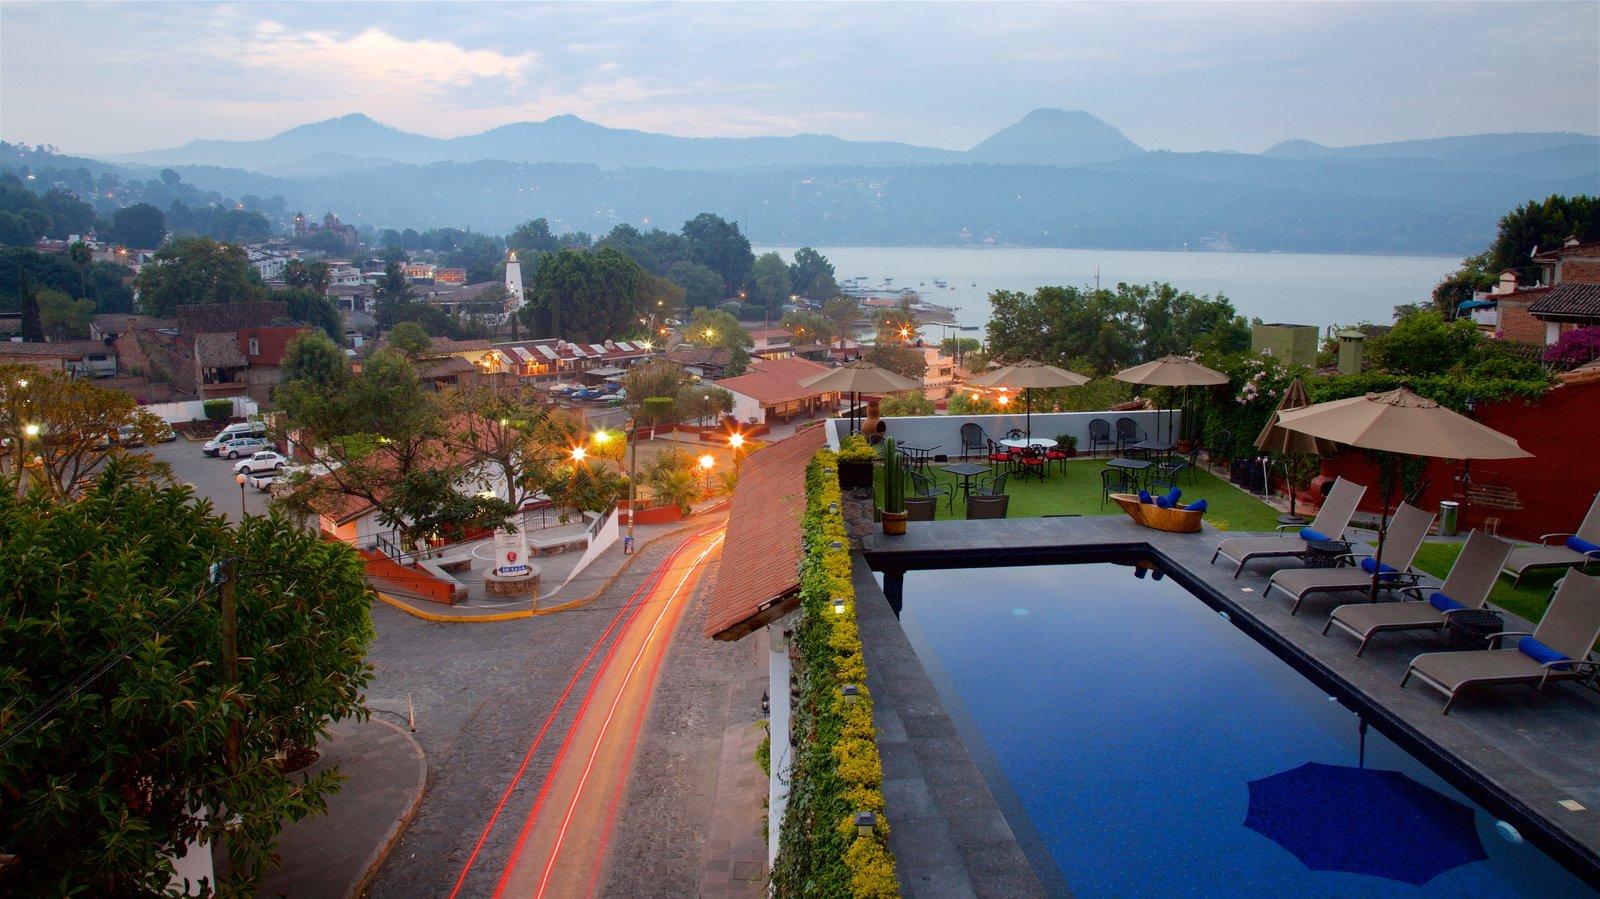 Toluca que incluye un lago o abrevadero, escenas tranquilas y vistas de paisajes